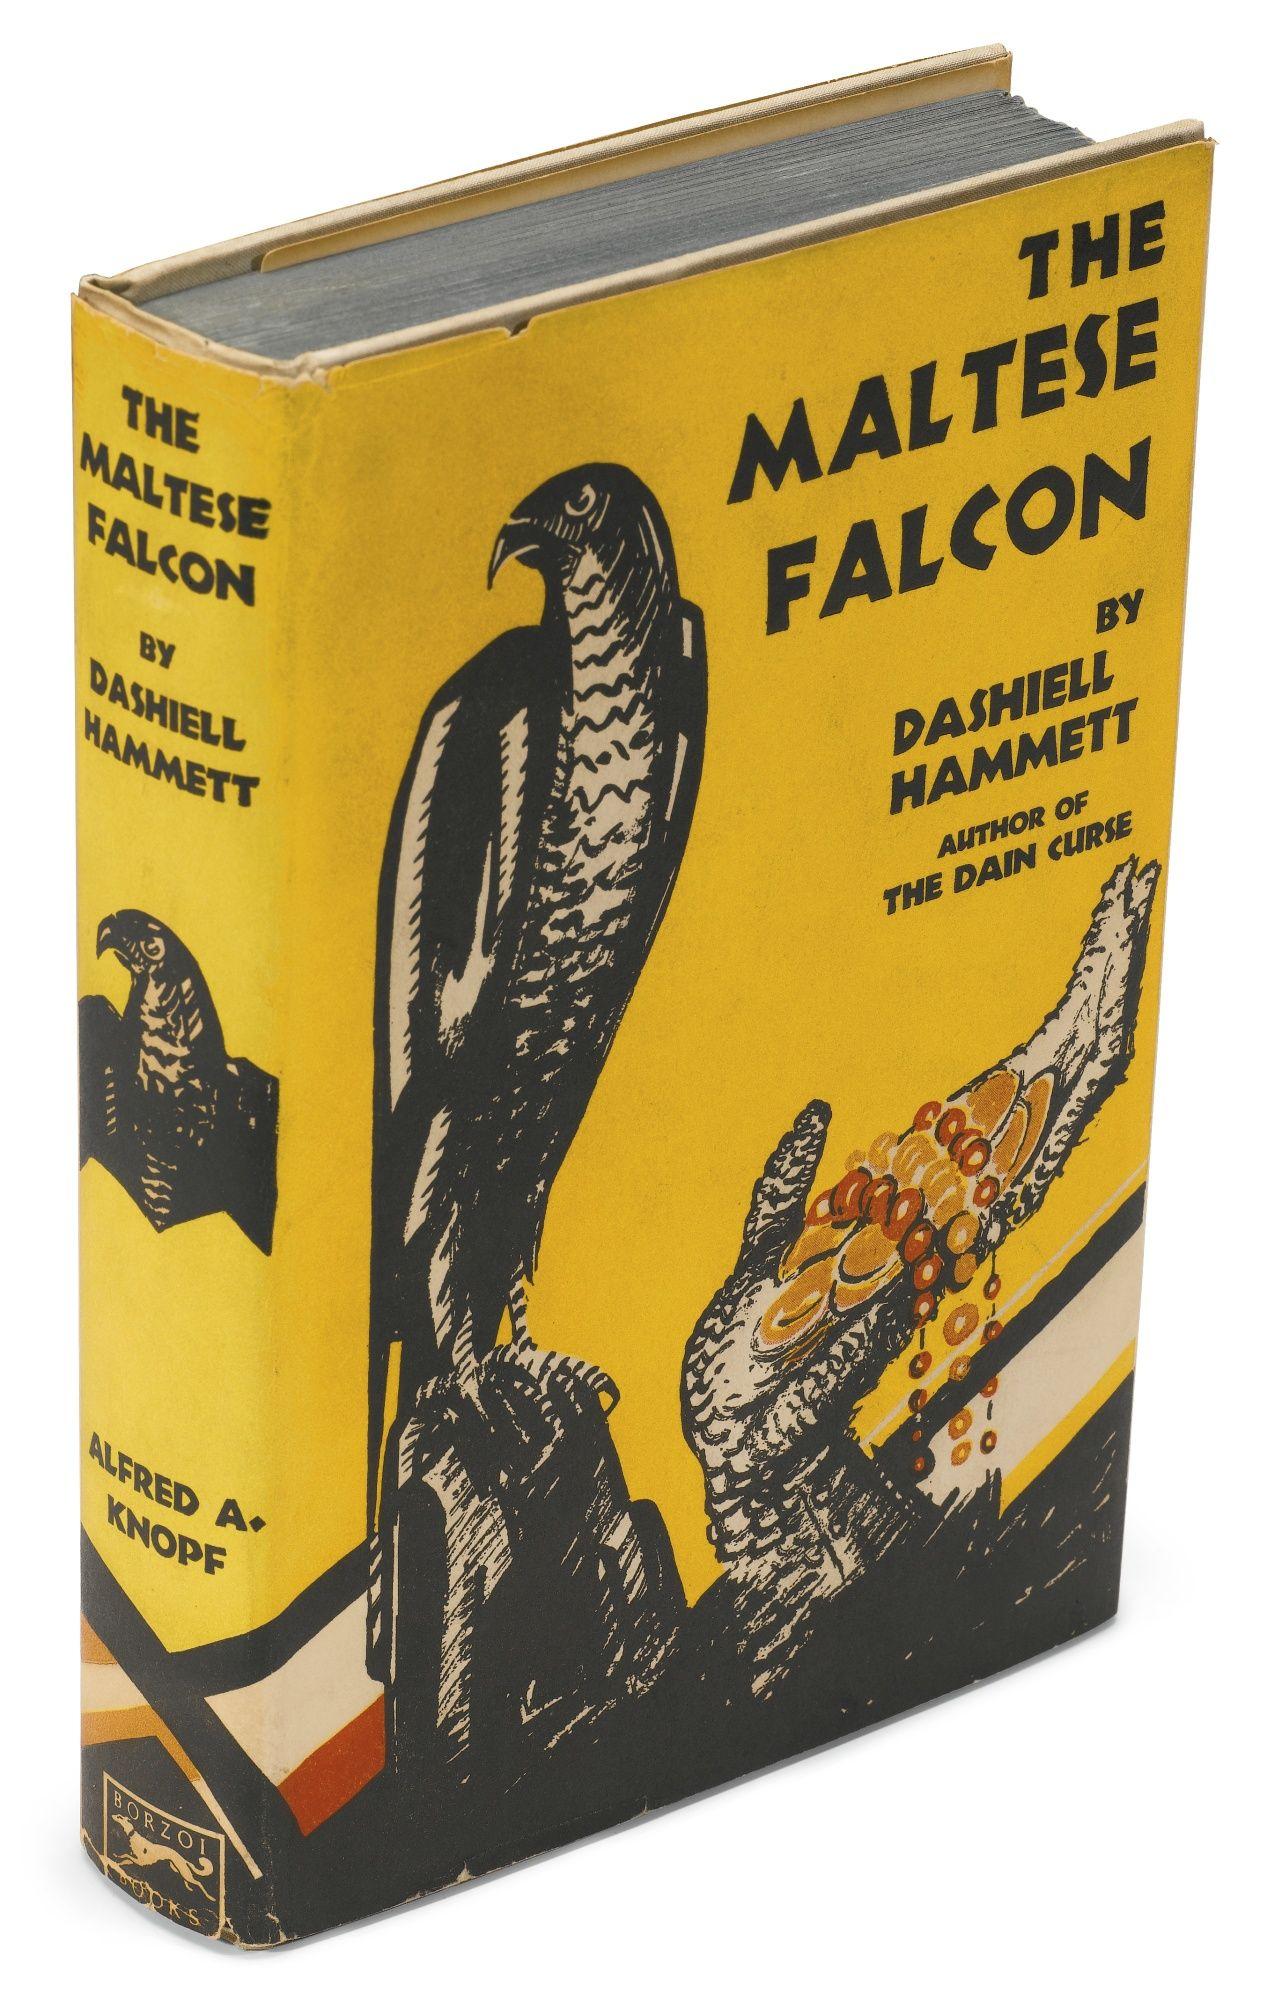 The Maltese Falcon By Dashiell Hammett Dashiell Hammett The Maltese Falcon Book Rare Books